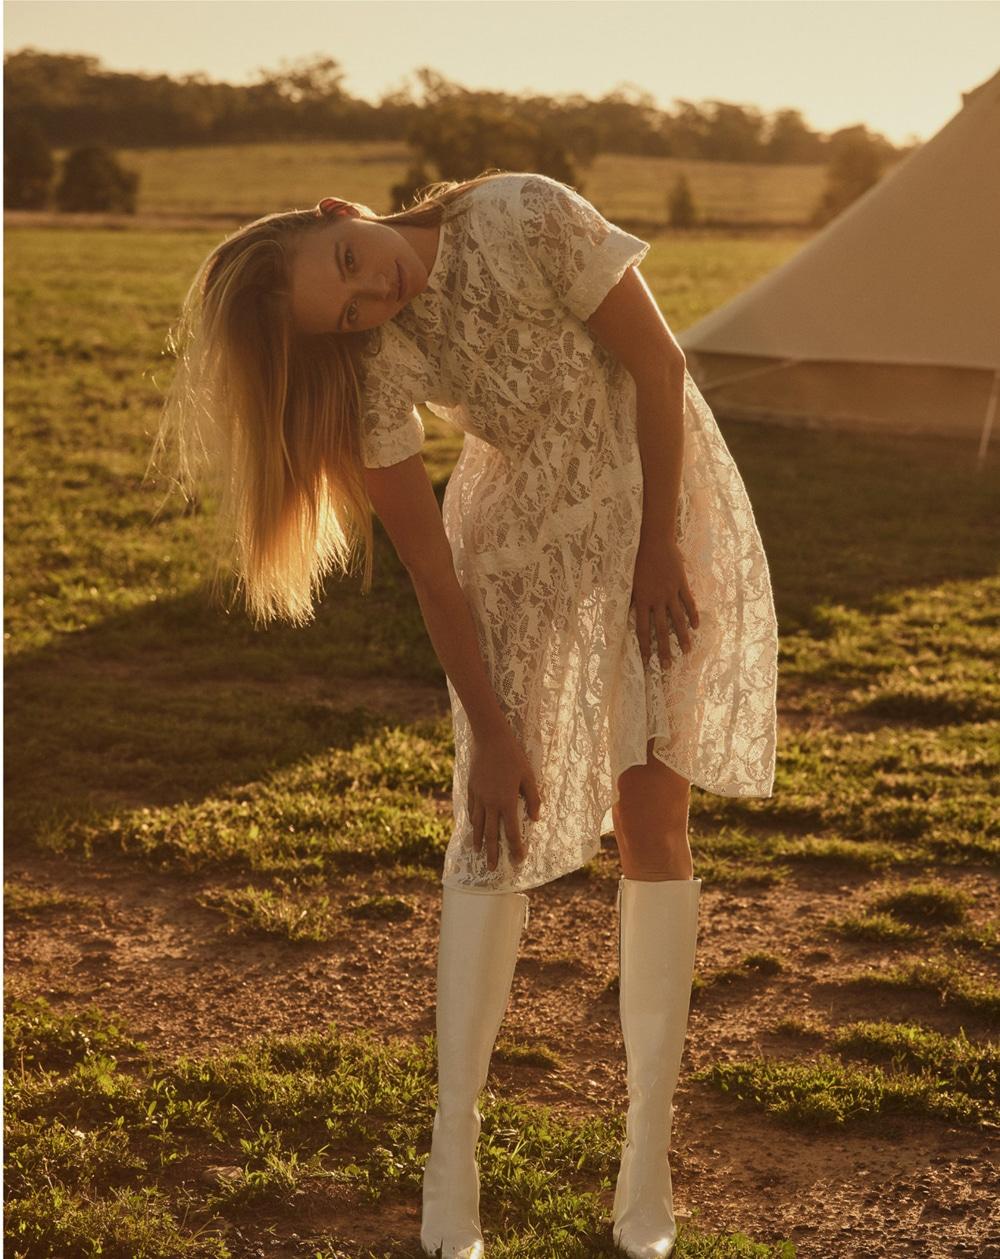 澳大利亚版《时尚芭莎》外景人像大片 时尚图库 第5张